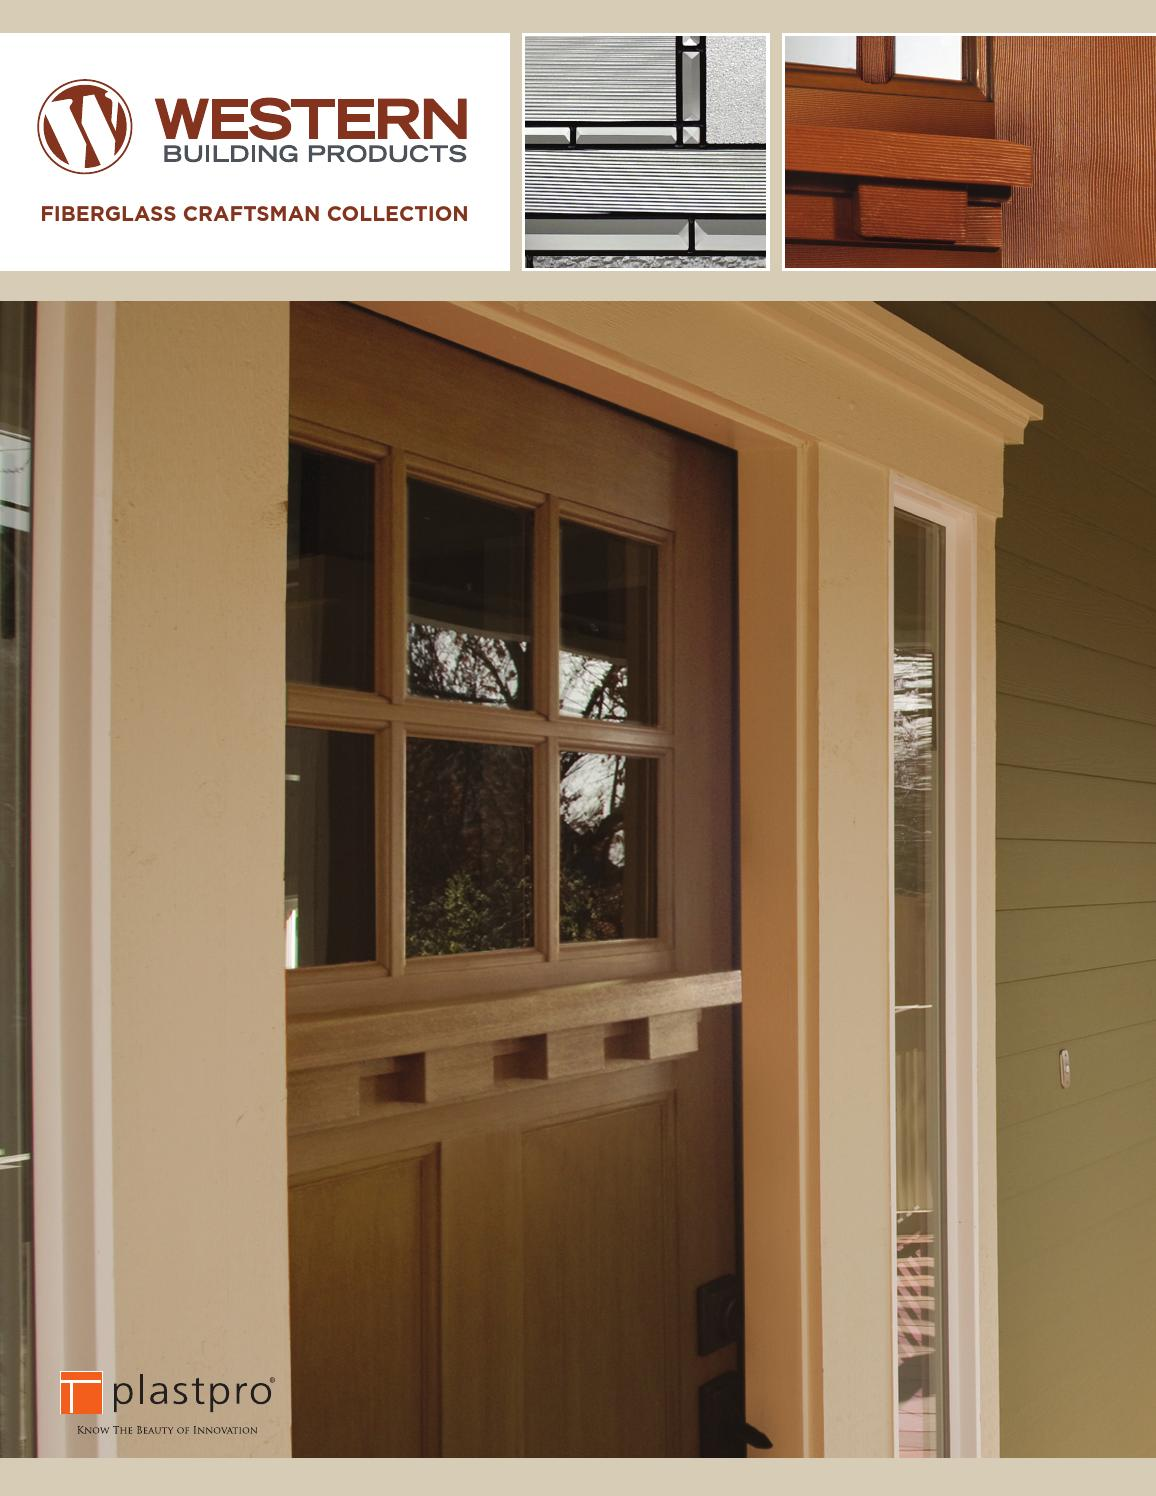 Craftsman fiberglass doors by western building products issuu for Western building products exterior doors